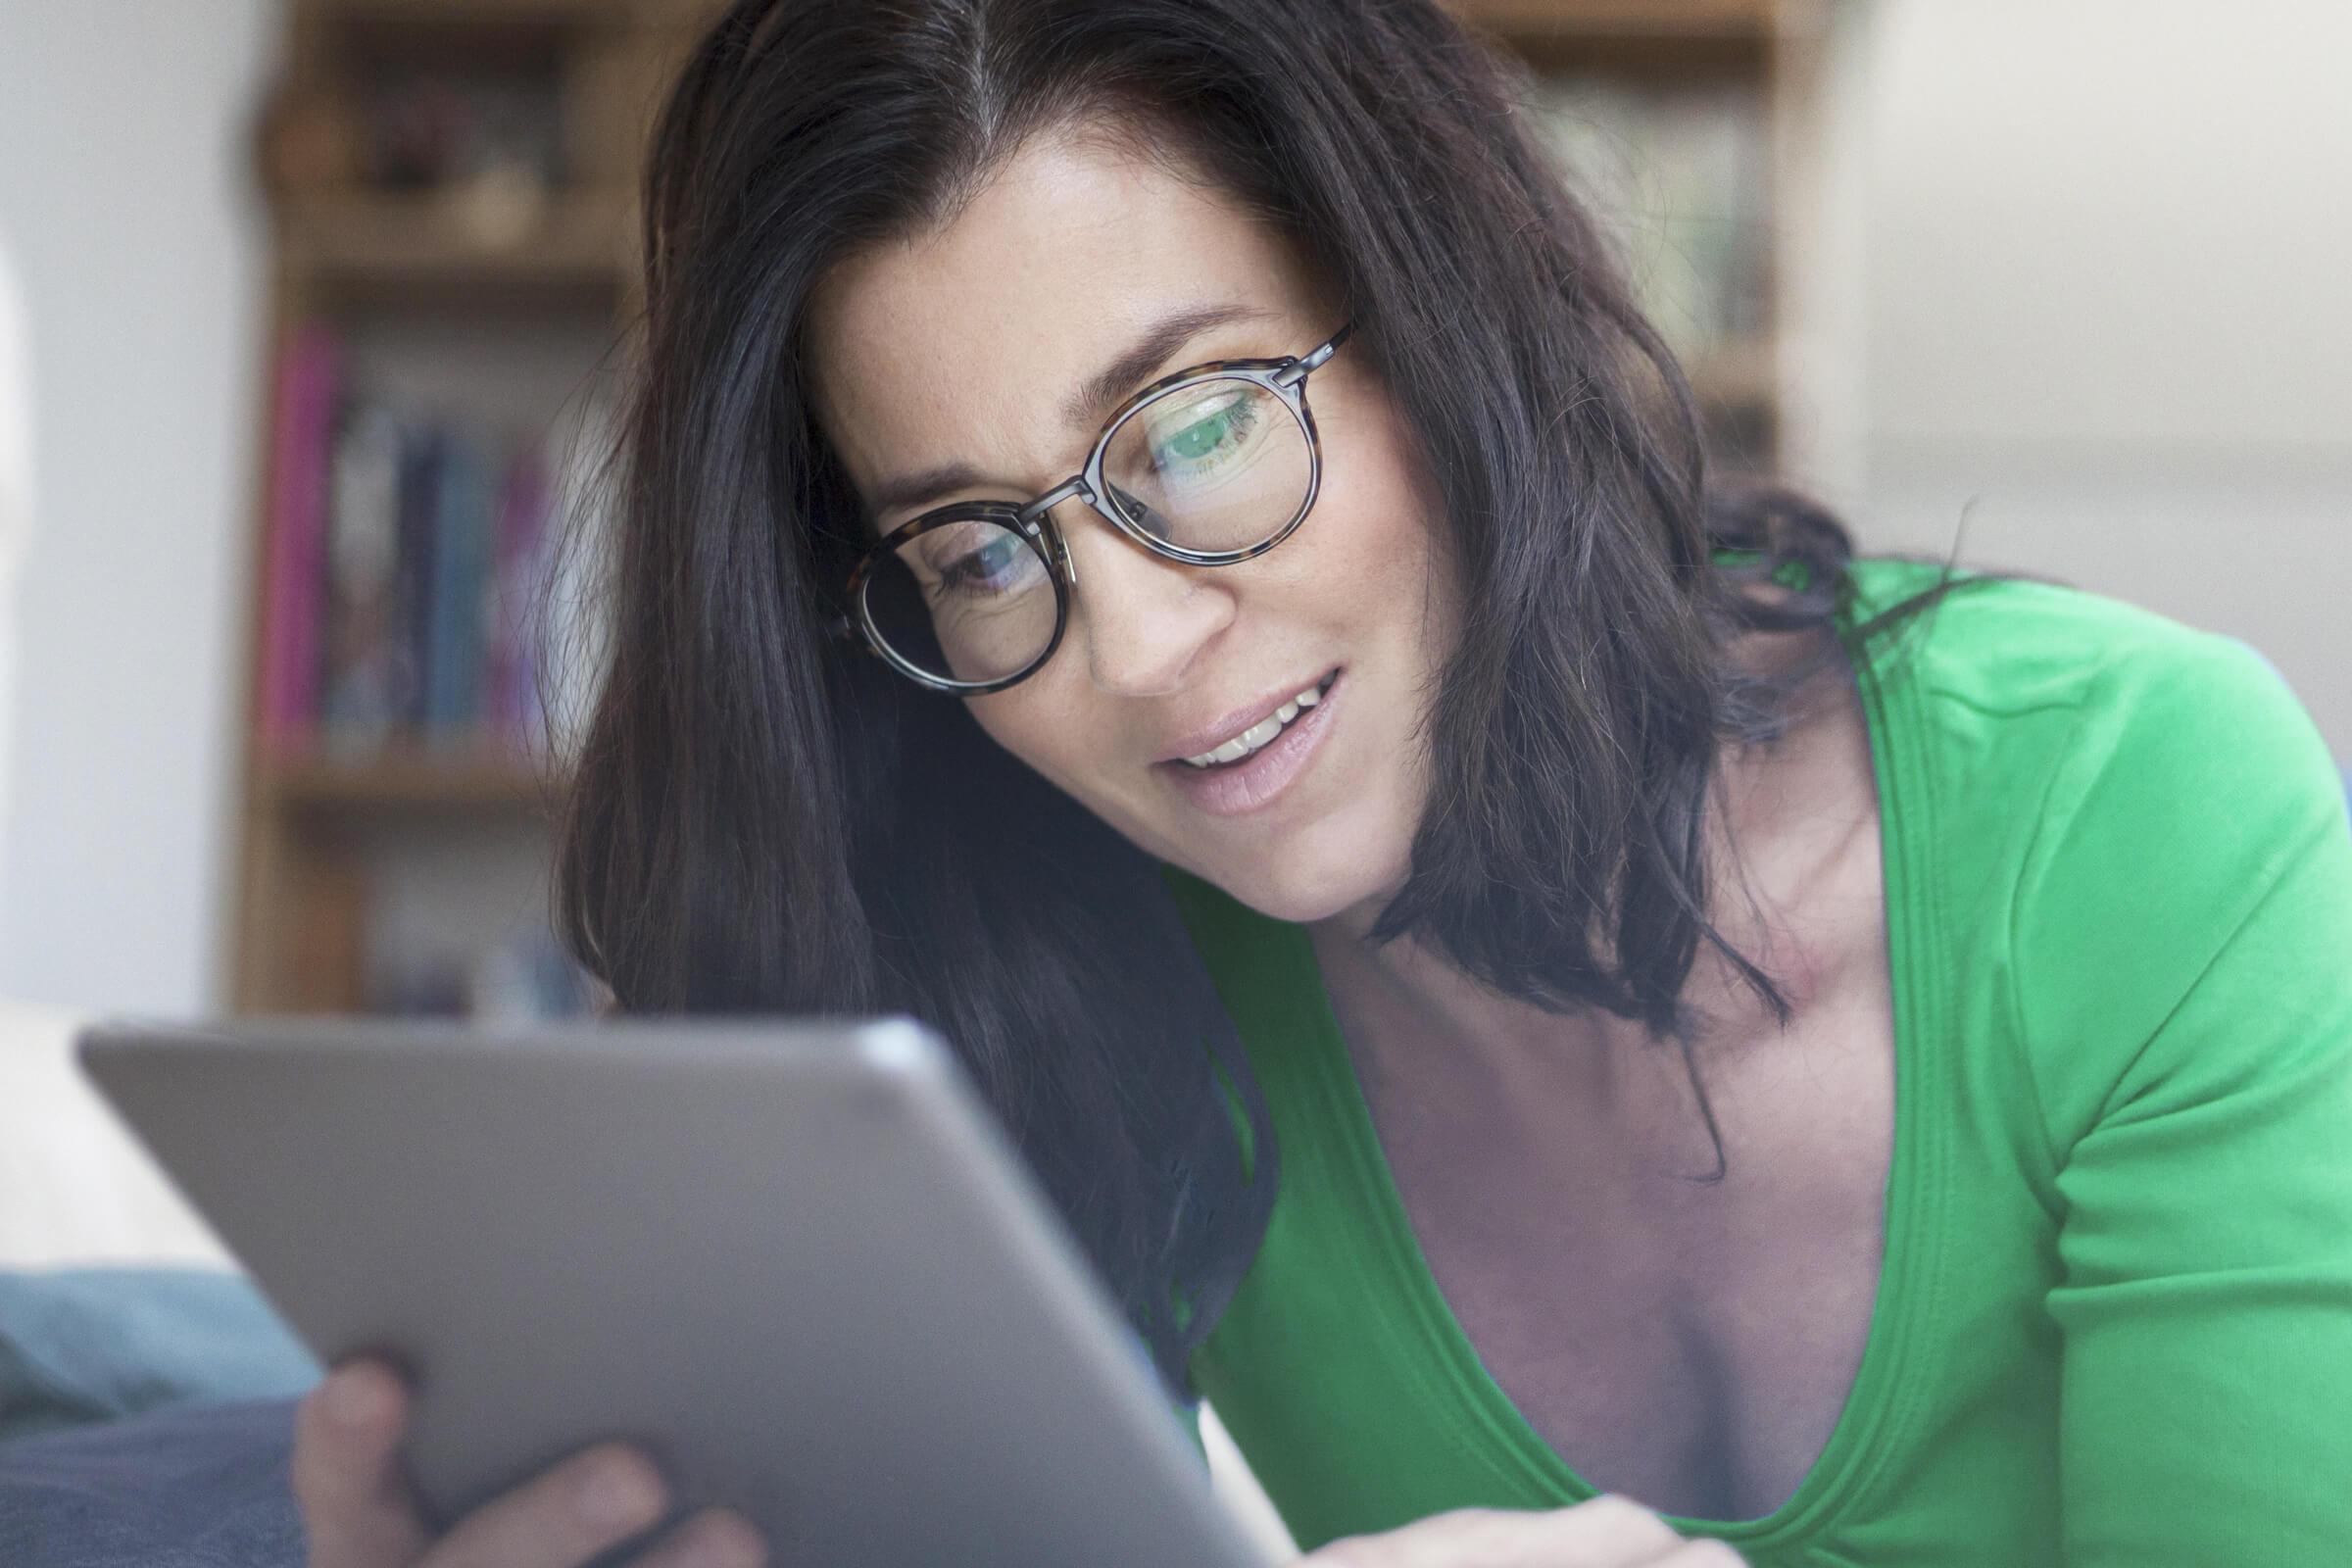 Inwestorka otwierająca rachunek za pośrednictwem brokera internetowego LYNX